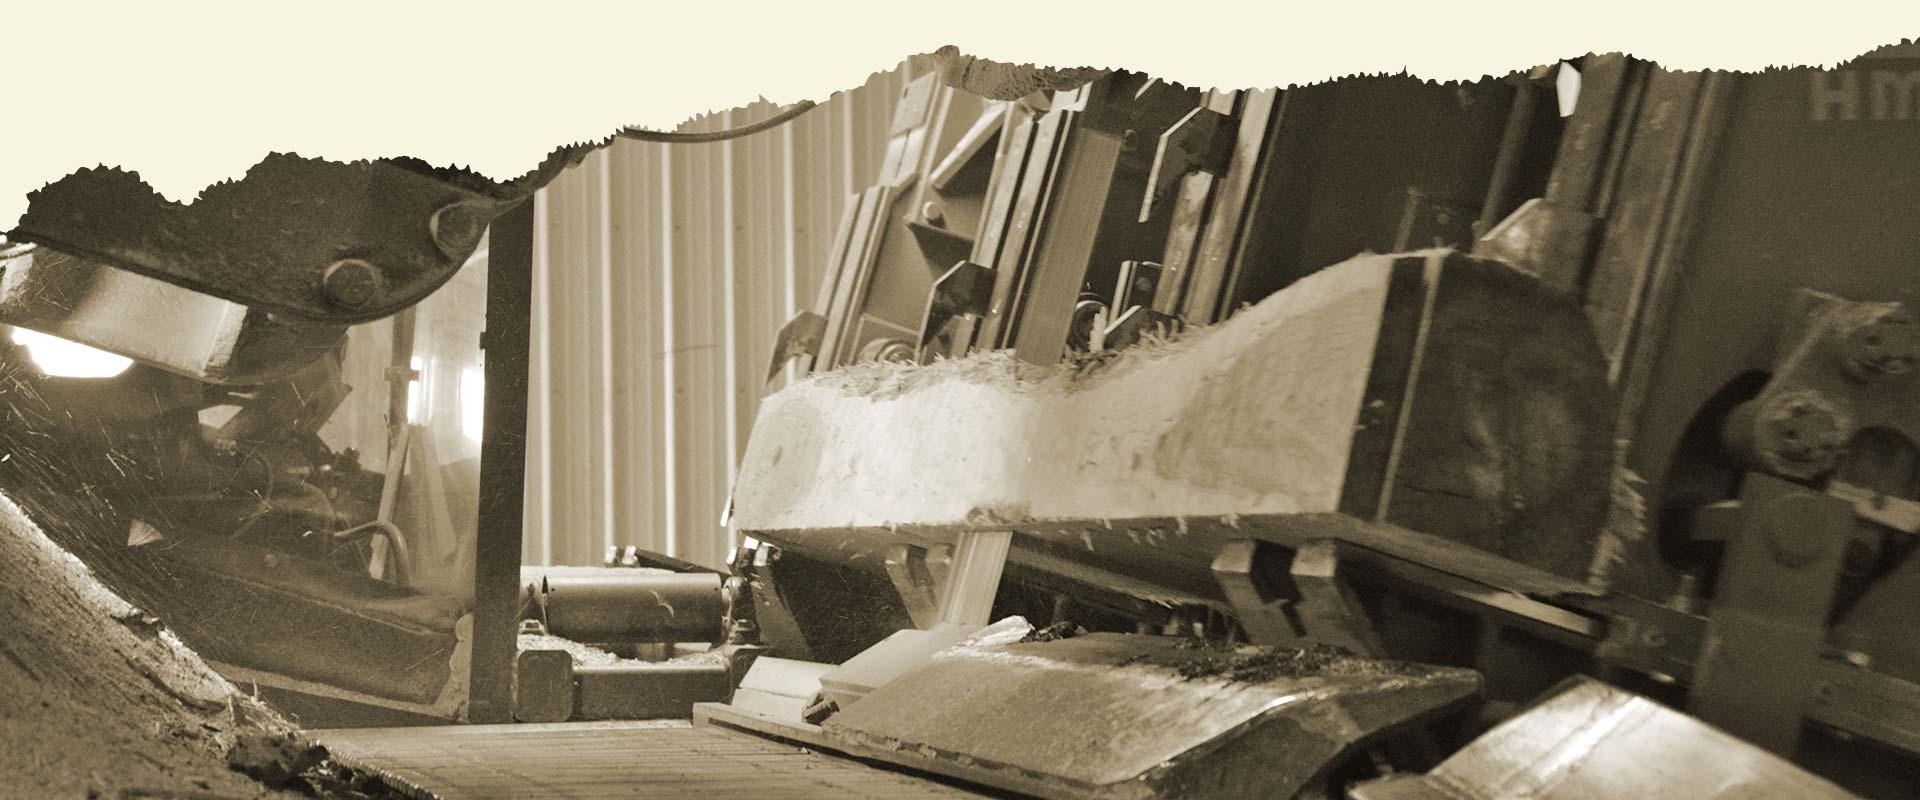 Mohawk Lumber - Sawmill in Applecreek Ohio